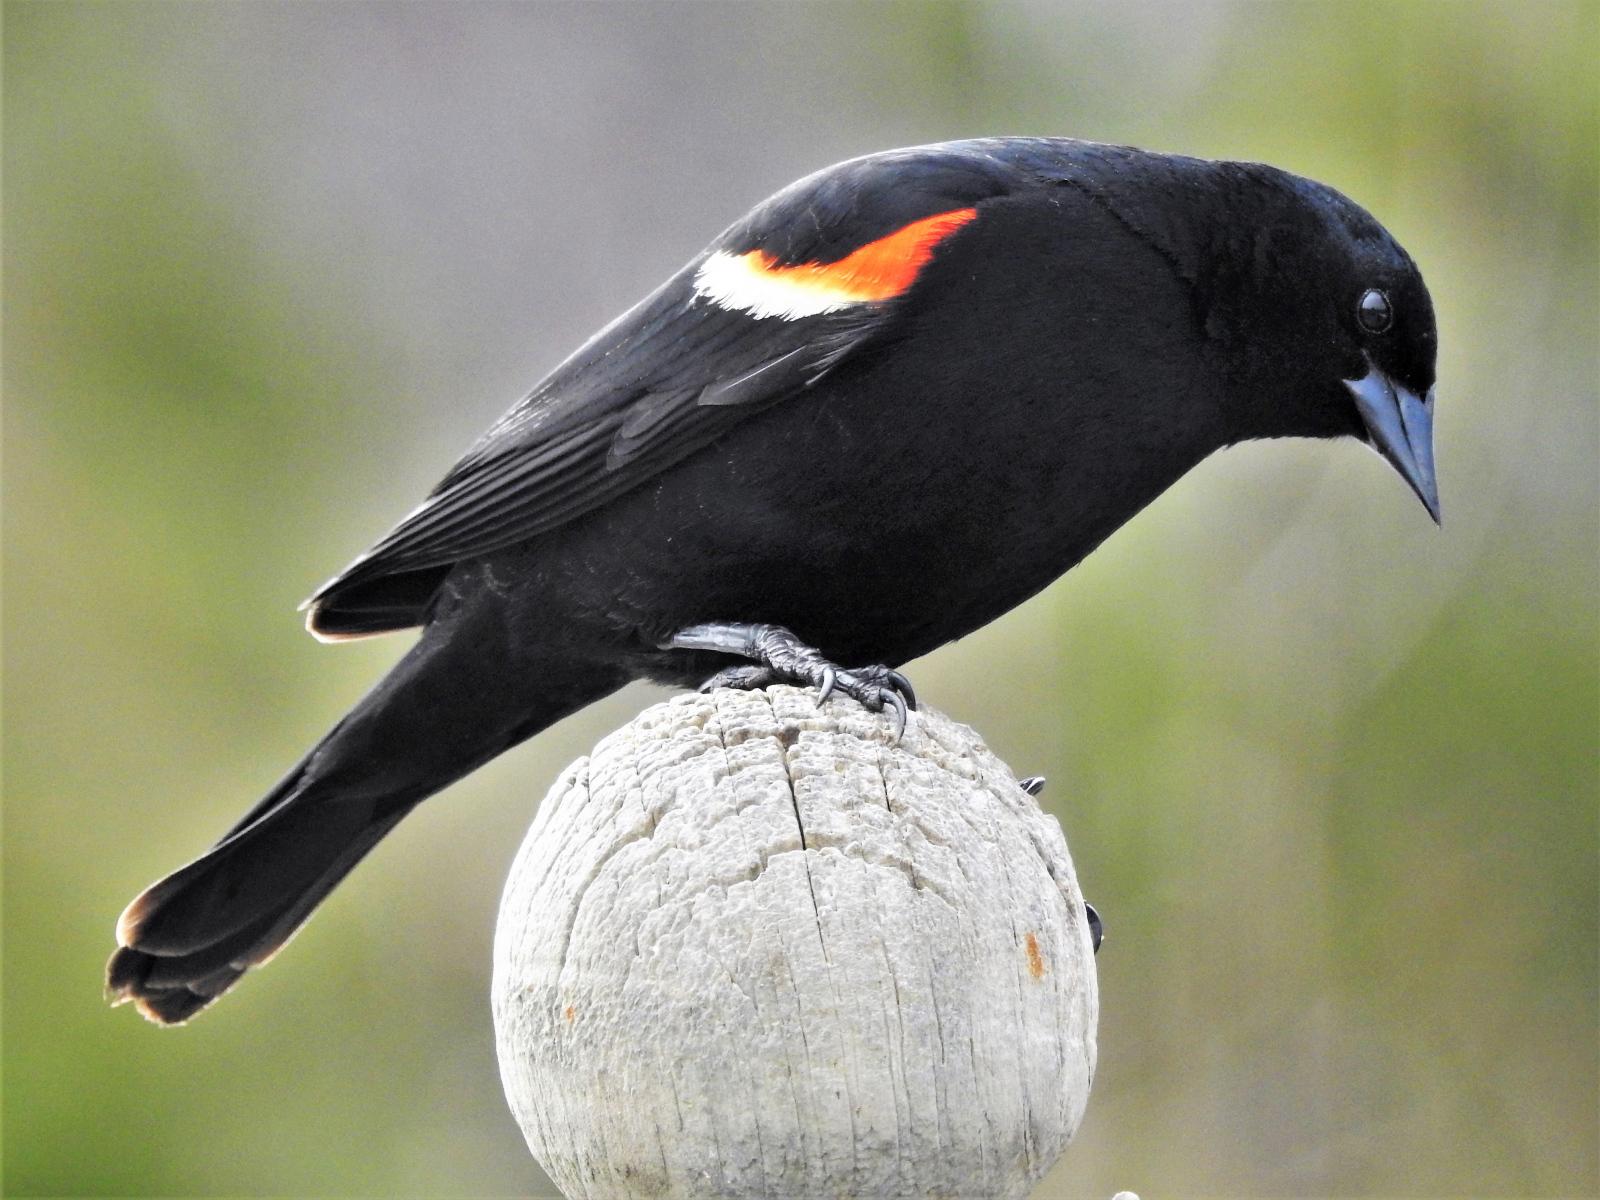 Red-winged Blackbird by Joan Wiitanen